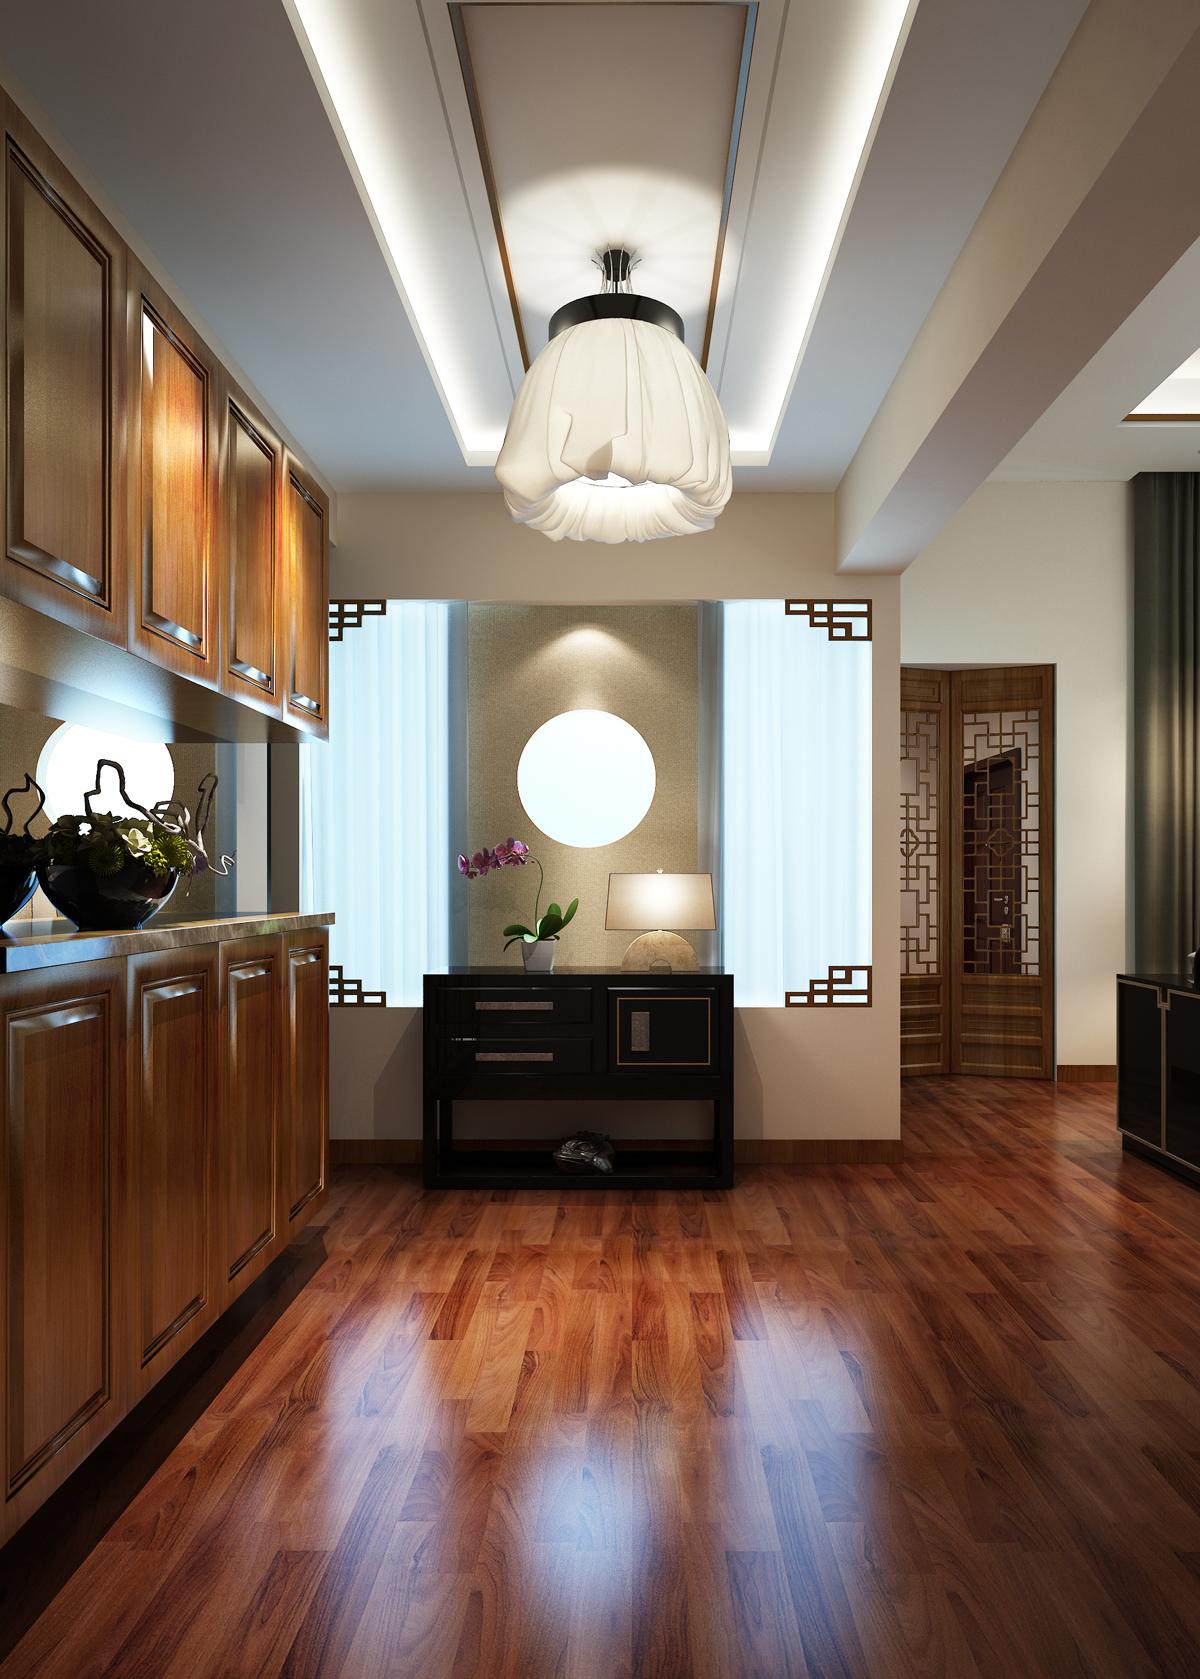 淀湖桃源 别墅装修 欧美风格 腾龙设计 厨房图片来自腾龙设计在淀湖桃源别墅装修欧美风格设计的分享